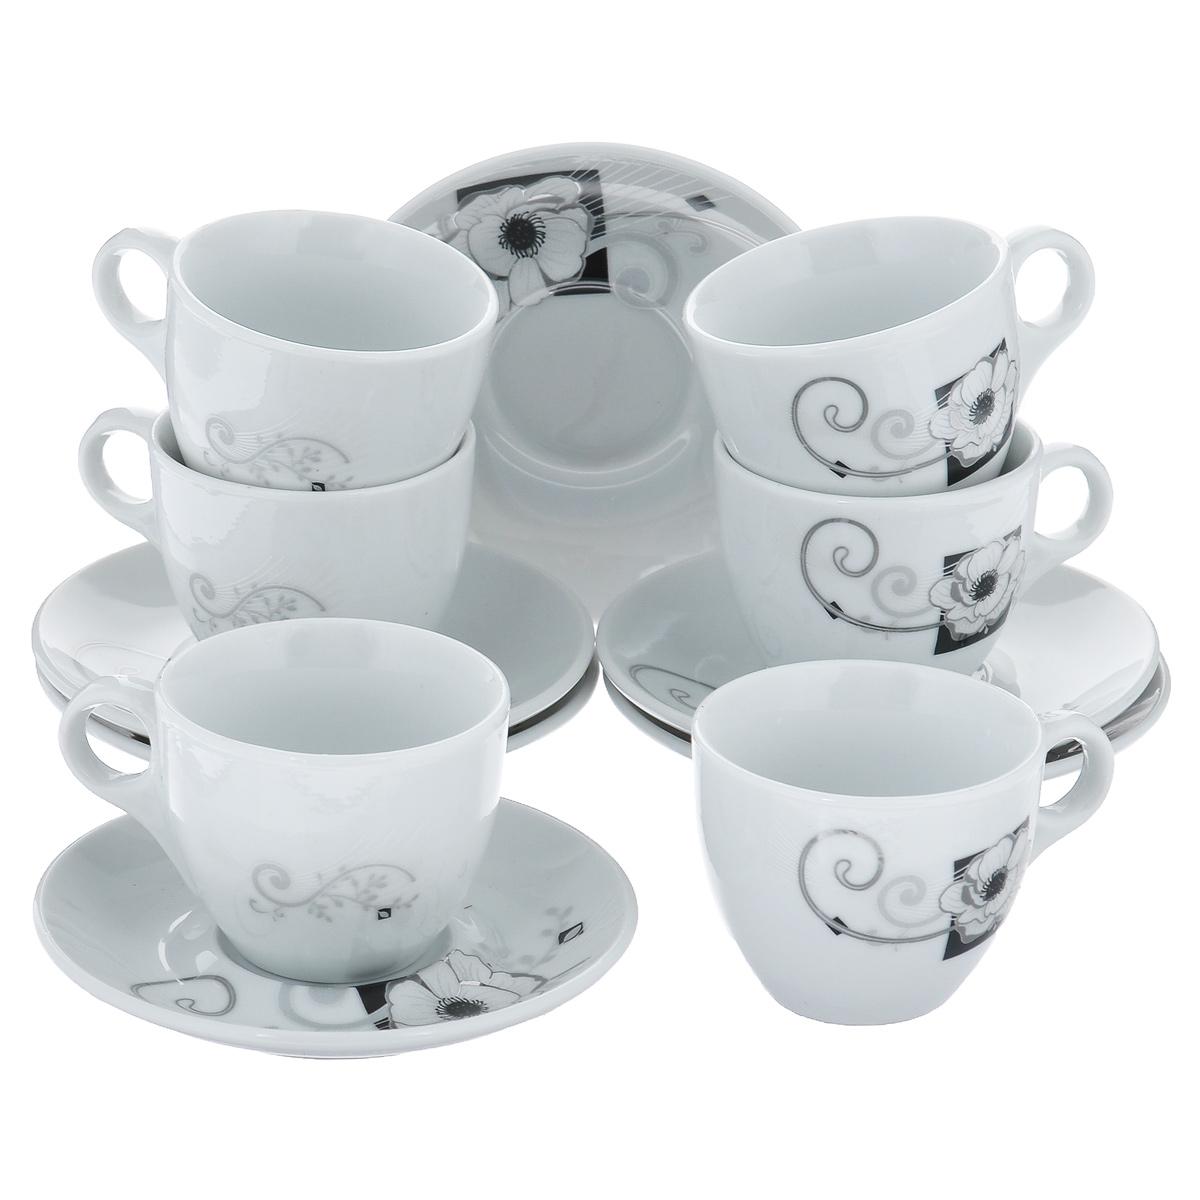 """Набор кофейный """"Bekker"""" состоит из 6 чашек и 6 блюдец. Чашки и блюдца изготовлены из высококачественного фарфора с изображением цветов. Такой дизайн, несомненно, придется по вкусу и ценителям классики, и тем, кто  предпочитает утонченность и изящность.  Набор кофейный на подставке """"Bekker""""  украсит ваш кухонный стол, а также станет замечательным подарком к любому празднику.  Набор упакован в подарочную коробку из плотного цветного картона. Внутренняя часть коробки задрапирована белой атласной тканью, и каждый предмет надежно крепится в определенном положении благодаря особым  выемкам в коробке.  Можно мыть в посудомоечной машине."""